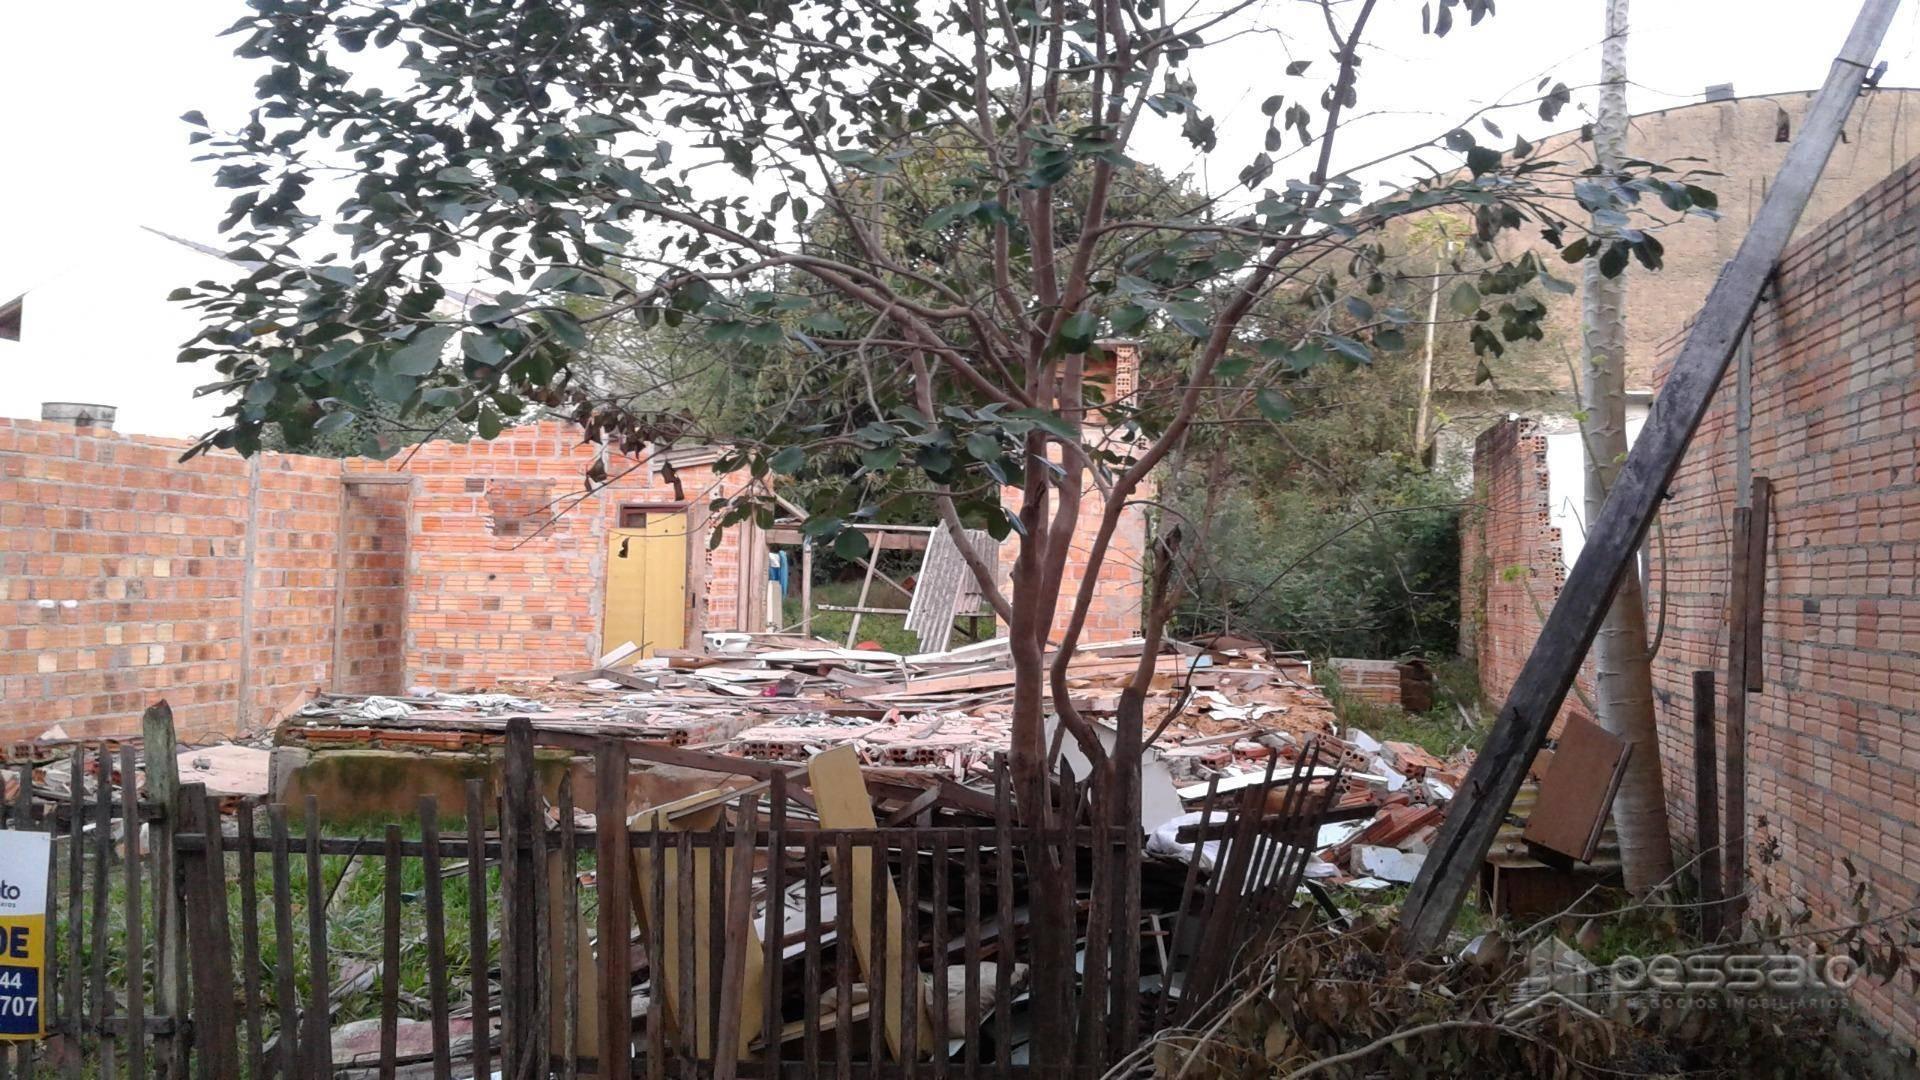 terreno 0 dormitórios em Cachoeirinha, no bairro Parque Espírito Santo